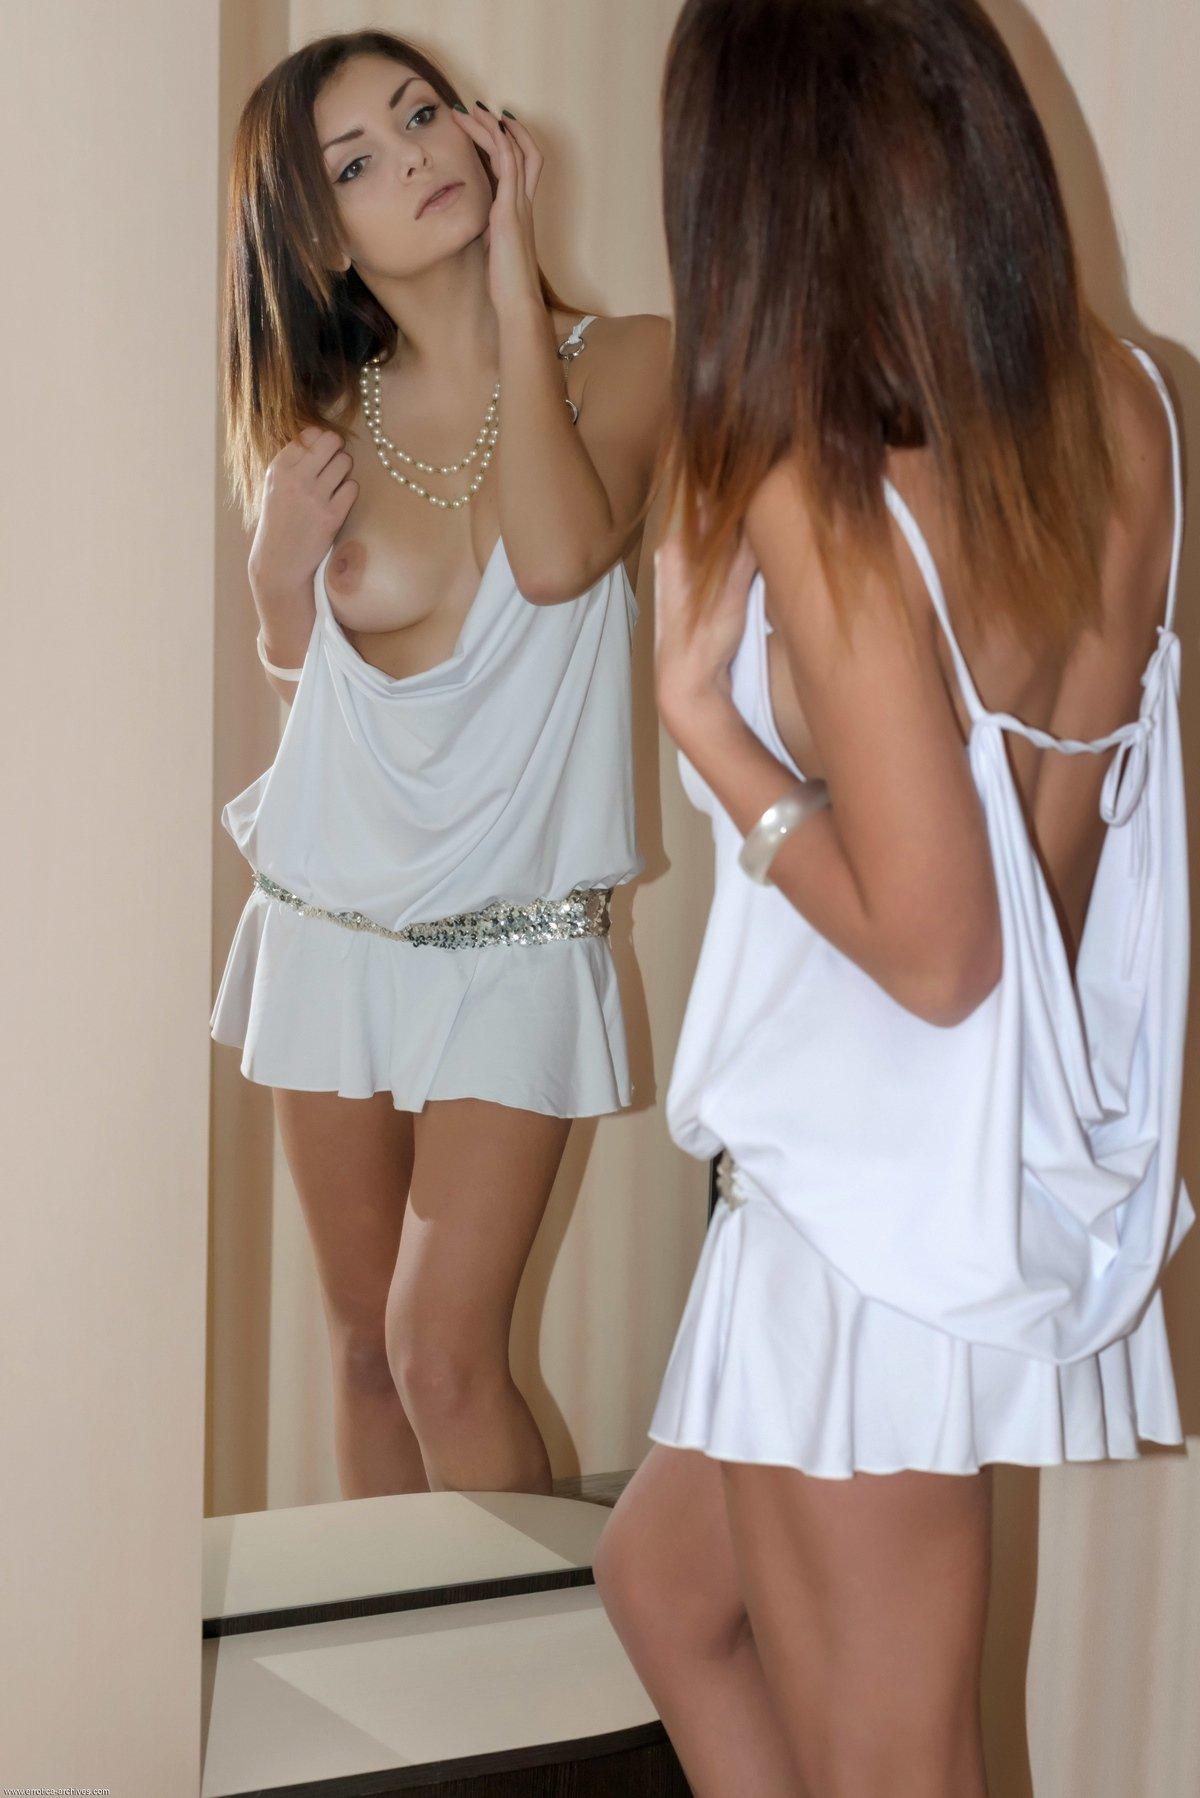 Порно супер короткое платье на голое тело